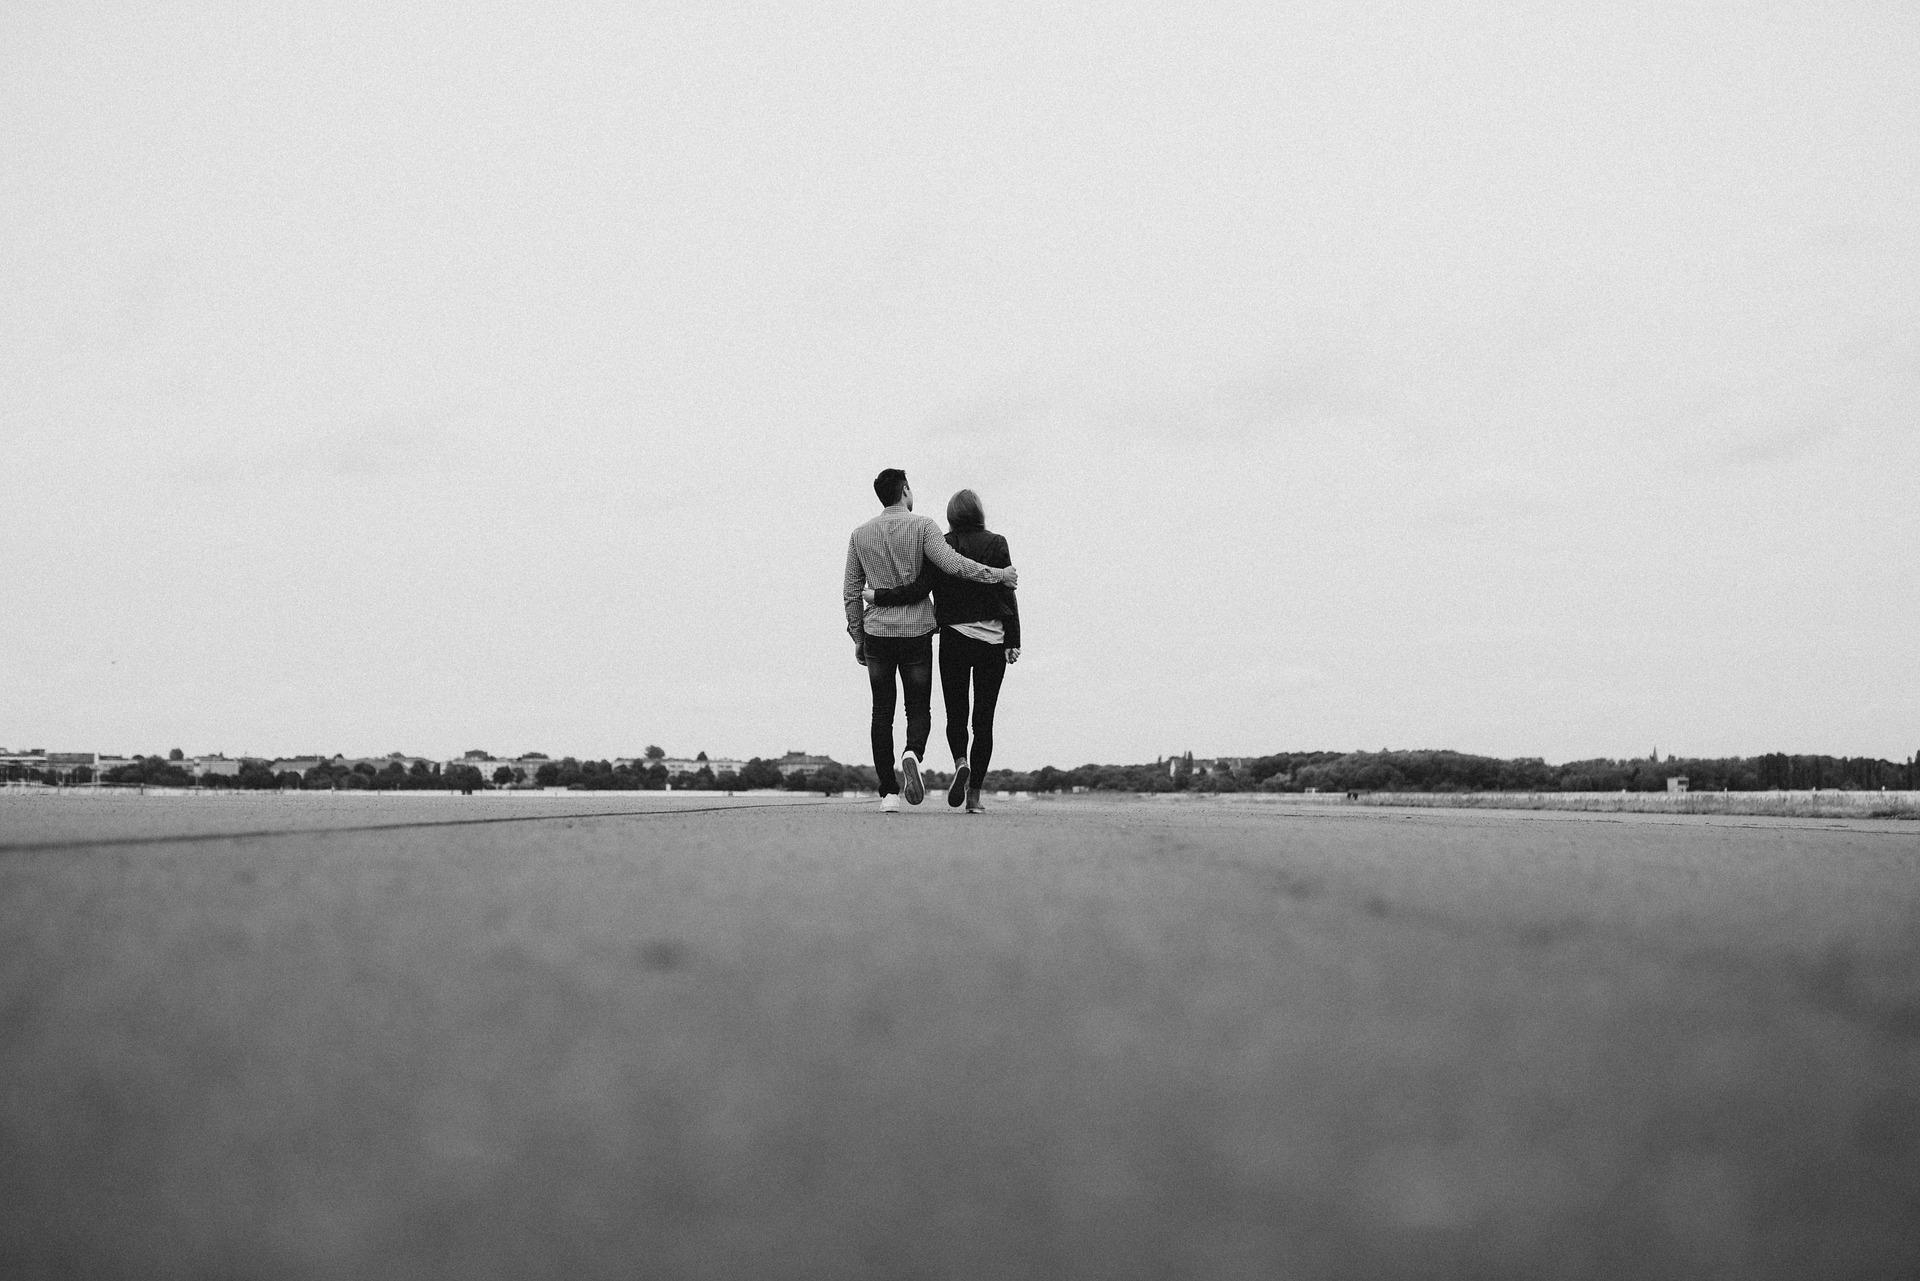 Ligação espiritual entre duas pessoas que se amam